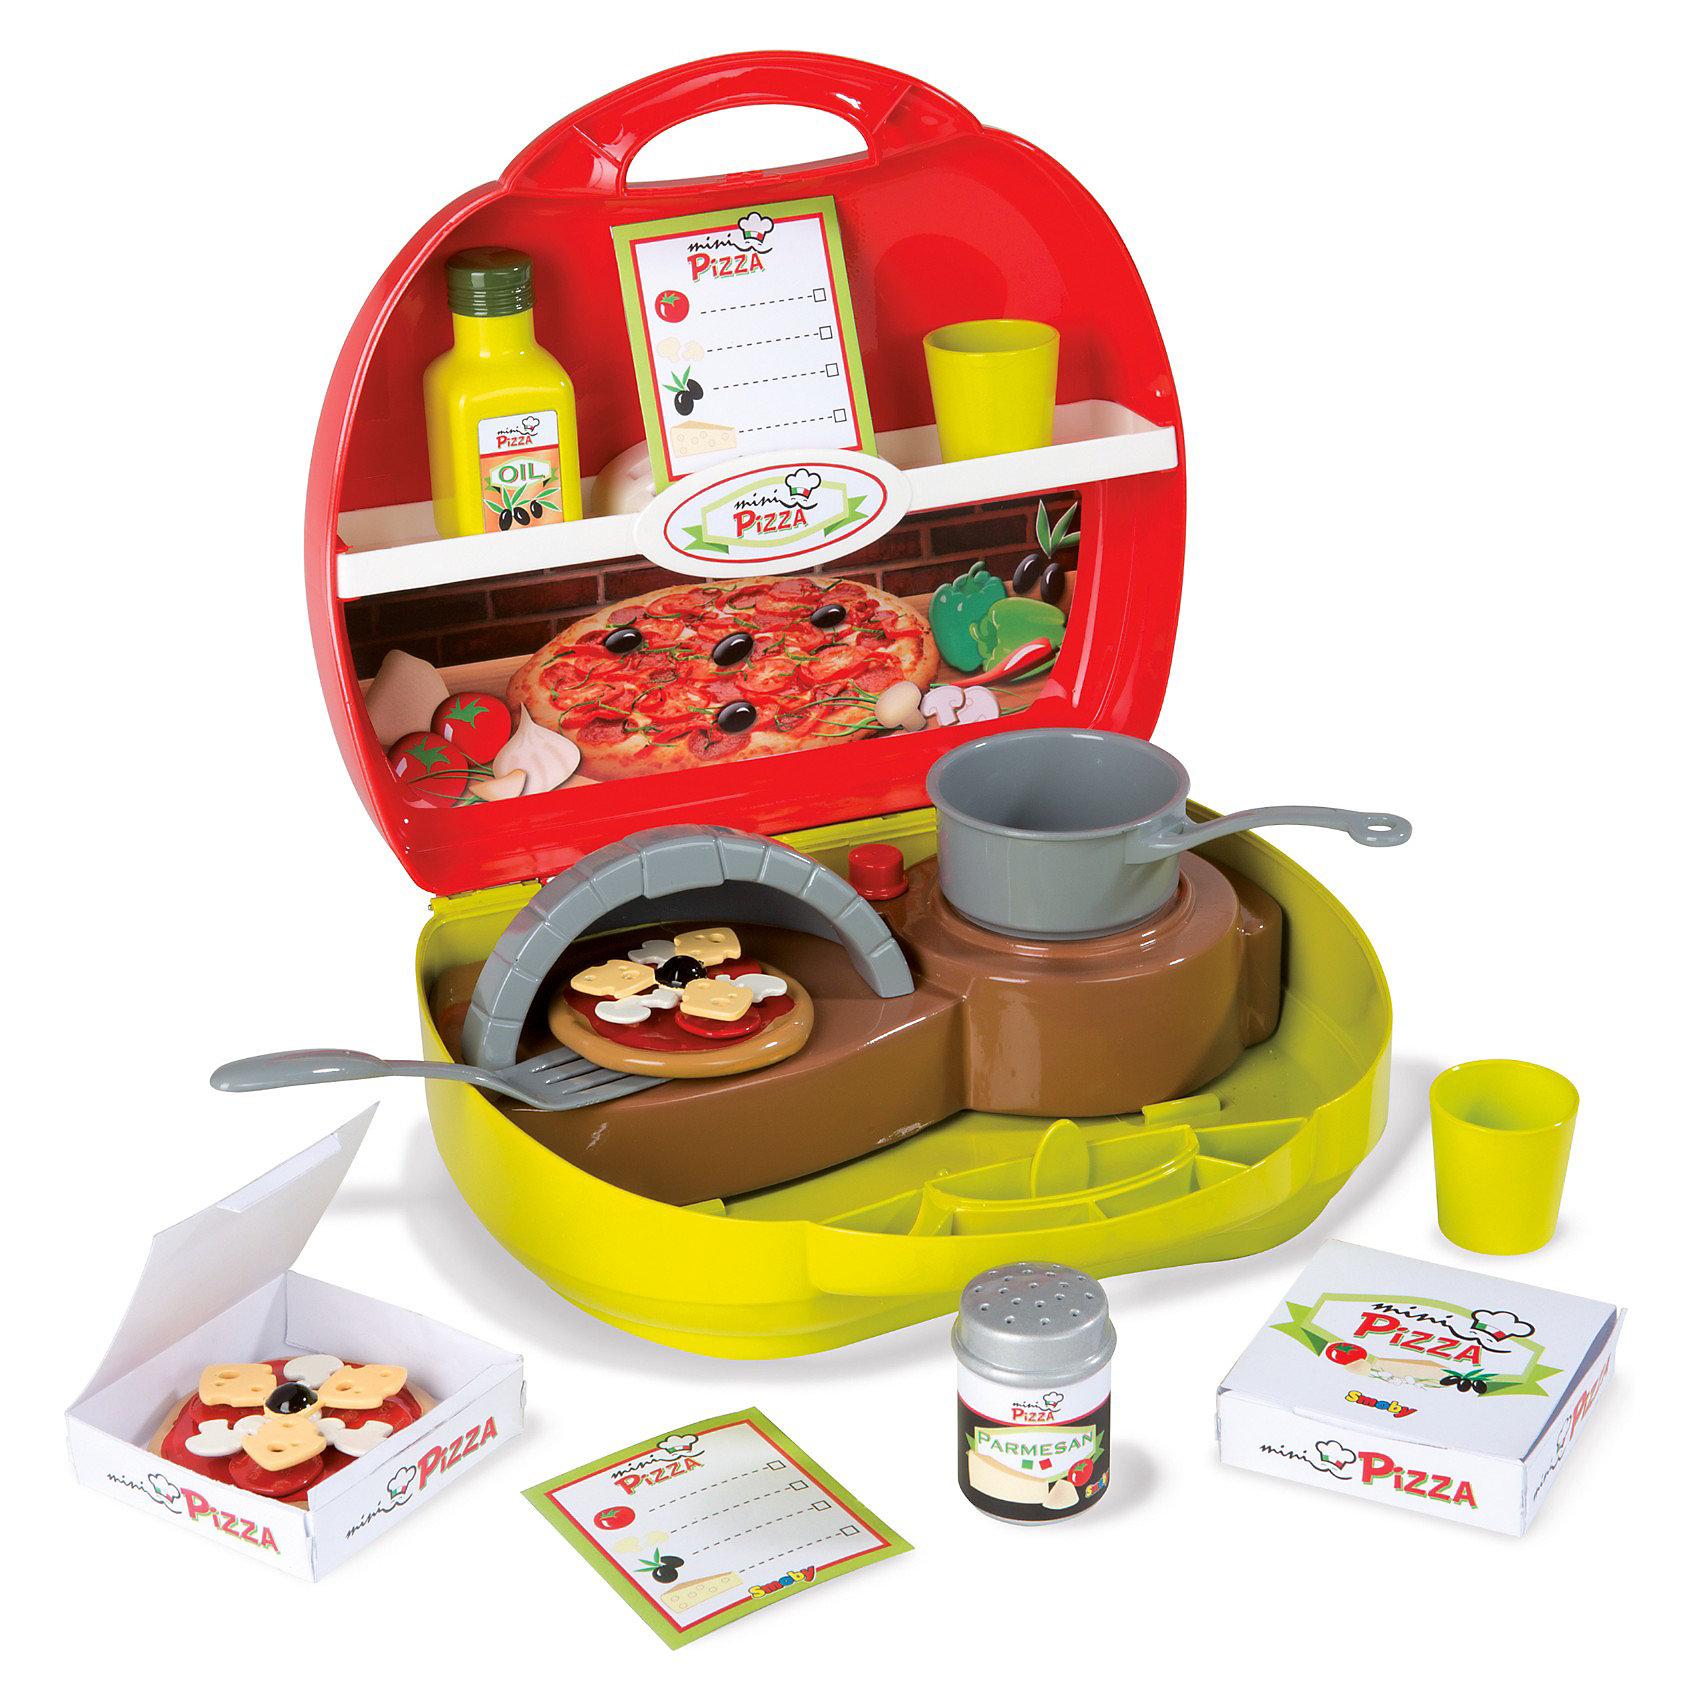 Мини-кухня Пицца, SmobyХарактеристики:<br><br>• размер чемоданчика: 26х10х24 см;<br>• аксессуары: пицца с 3-мя компонентами, коробочка для пиццы, лист меню, сырница и другие аксессуары;<br>• материал: пластик.<br><br>Мобильная кухня для приготовления пиццы помещается в компактном чемоданчике с ручкой. Открыв чемоданчик, внутри вы увидите варочную панель в нижнем отсеке и множество полочек для продуктов и кухонного инвентаря в верхнем отсеке чемоданчика. <br><br>Мини-кухню Пицца, Smoby можно купить в нашем магазине.<br><br>Ширина мм: 225<br>Глубина мм: 251<br>Высота мм: 104<br>Вес г: 579<br>Возраст от месяцев: 36<br>Возраст до месяцев: 96<br>Пол: Женский<br>Возраст: Детский<br>SKU: 3231512